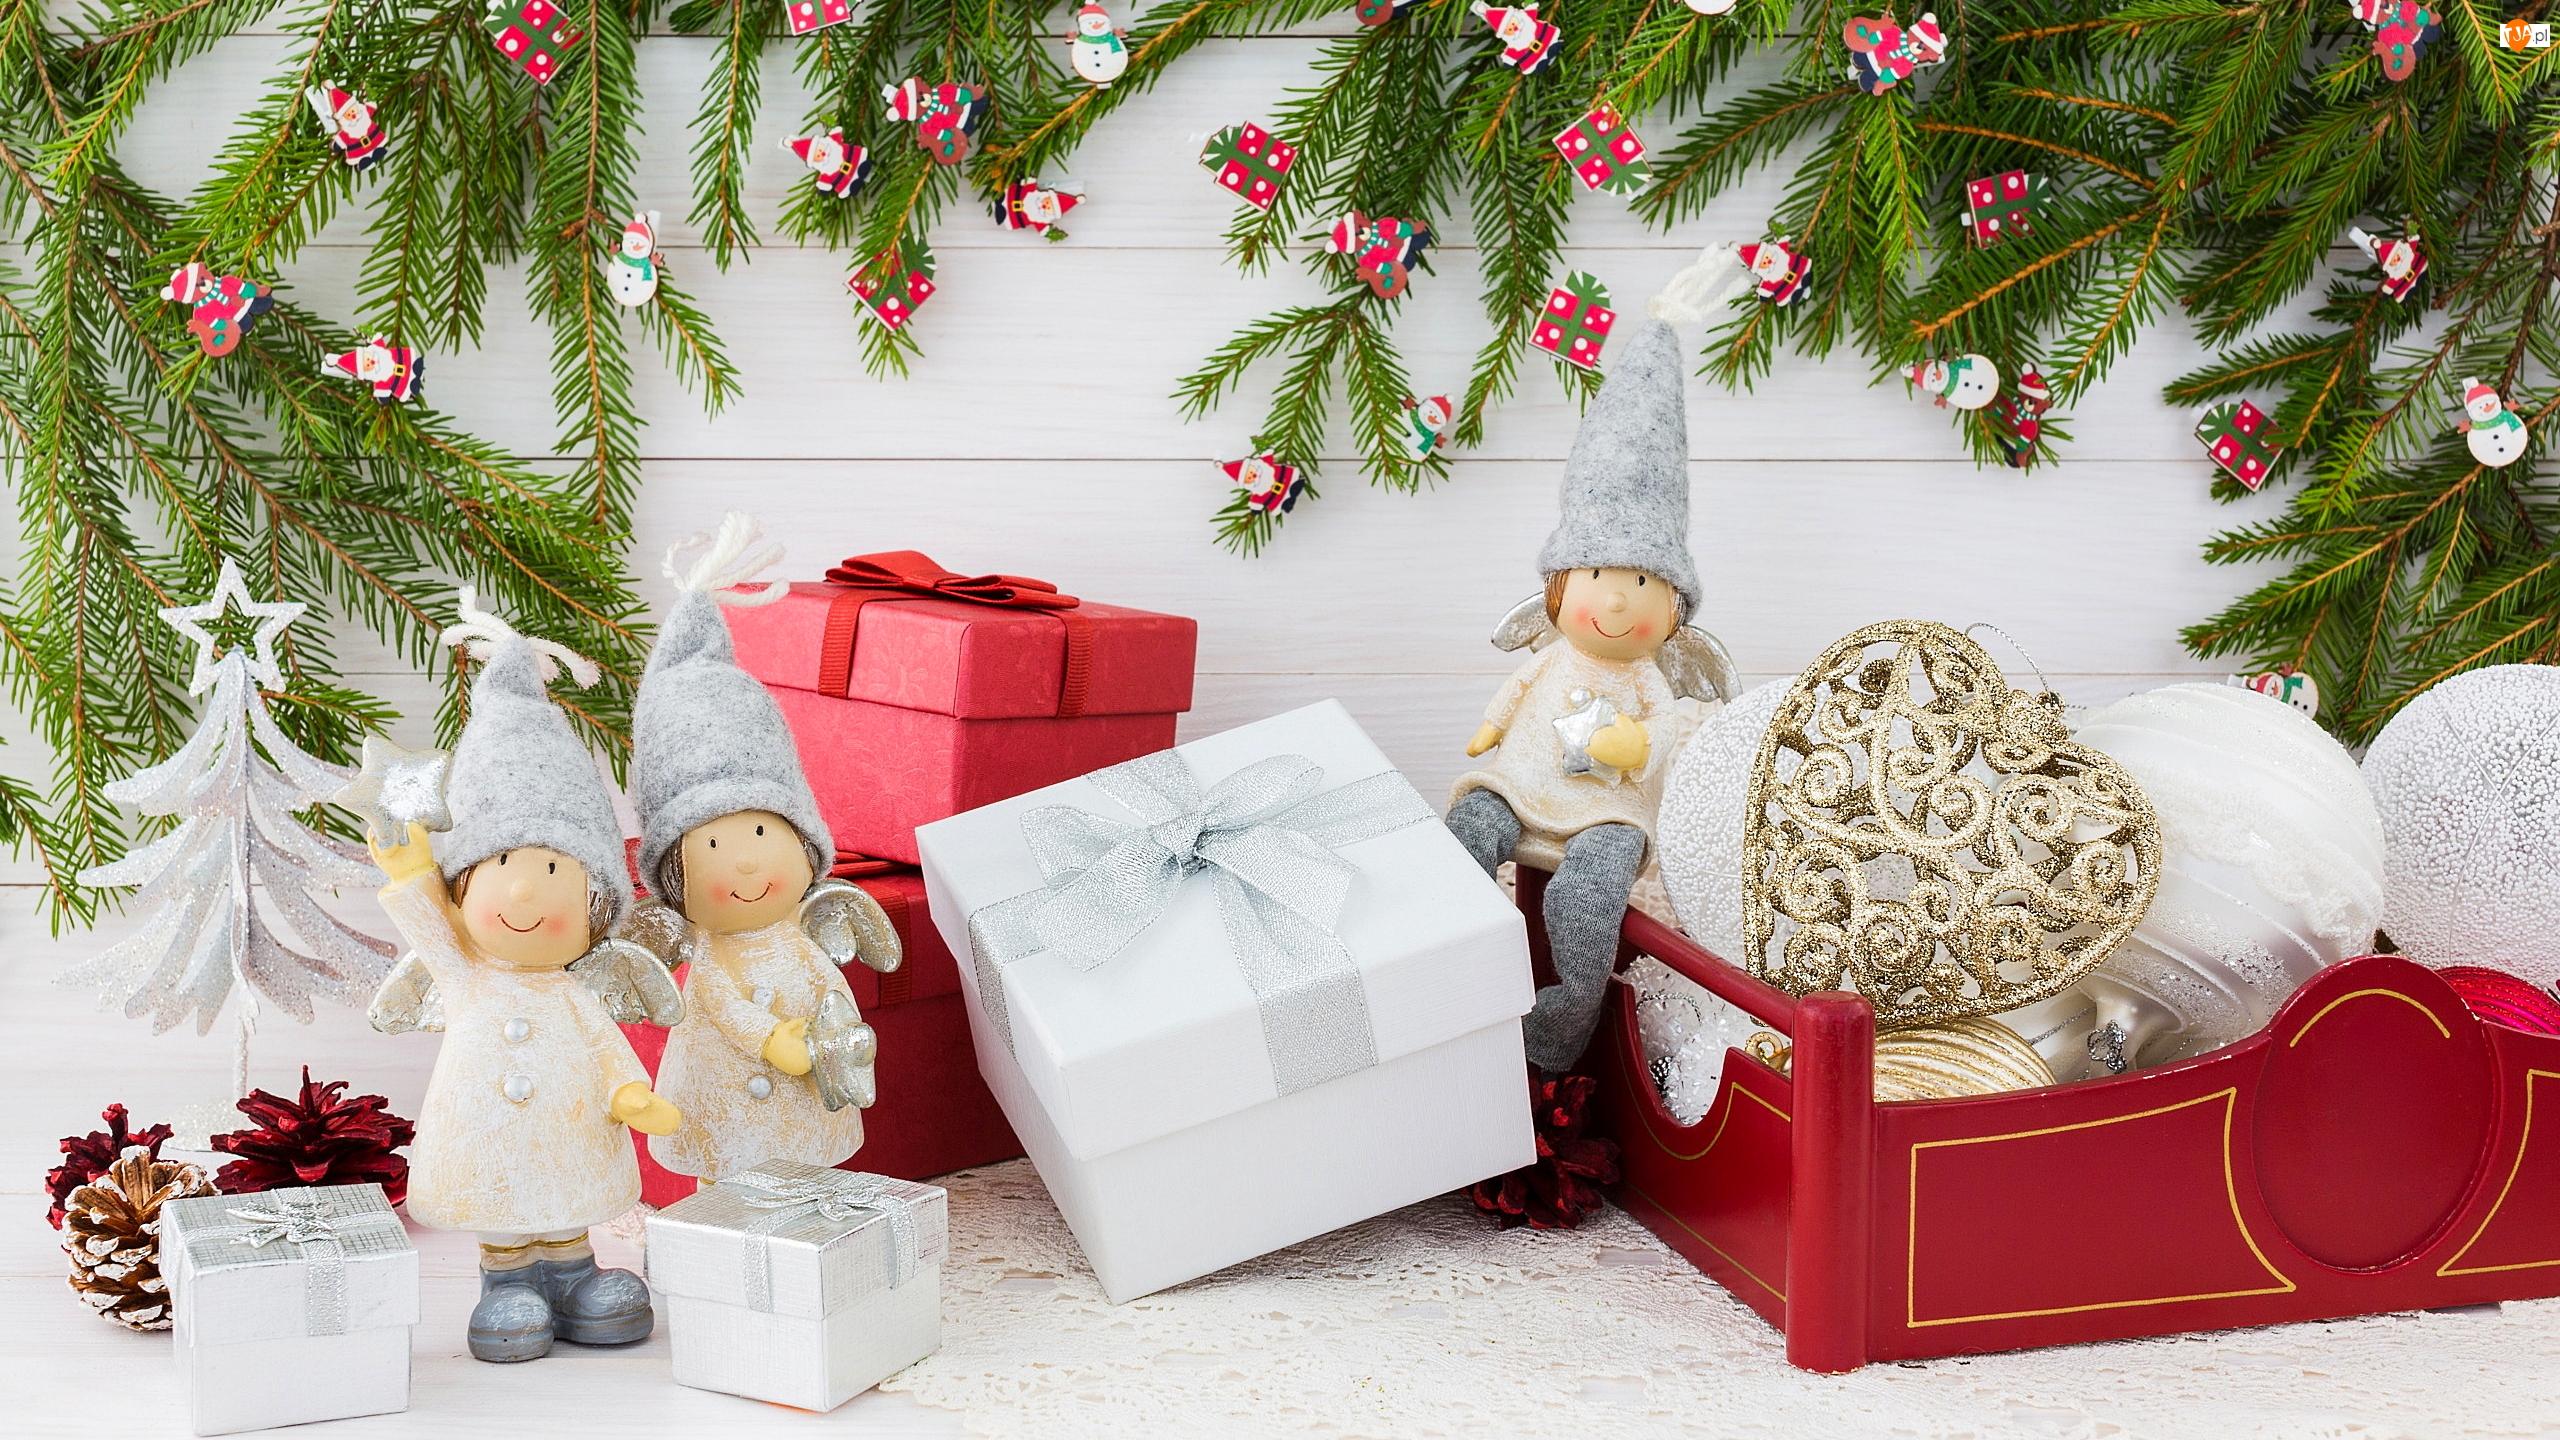 Dekoracja, Świąteczne, Aniołki, Gałązki, Figurki, Prezenty